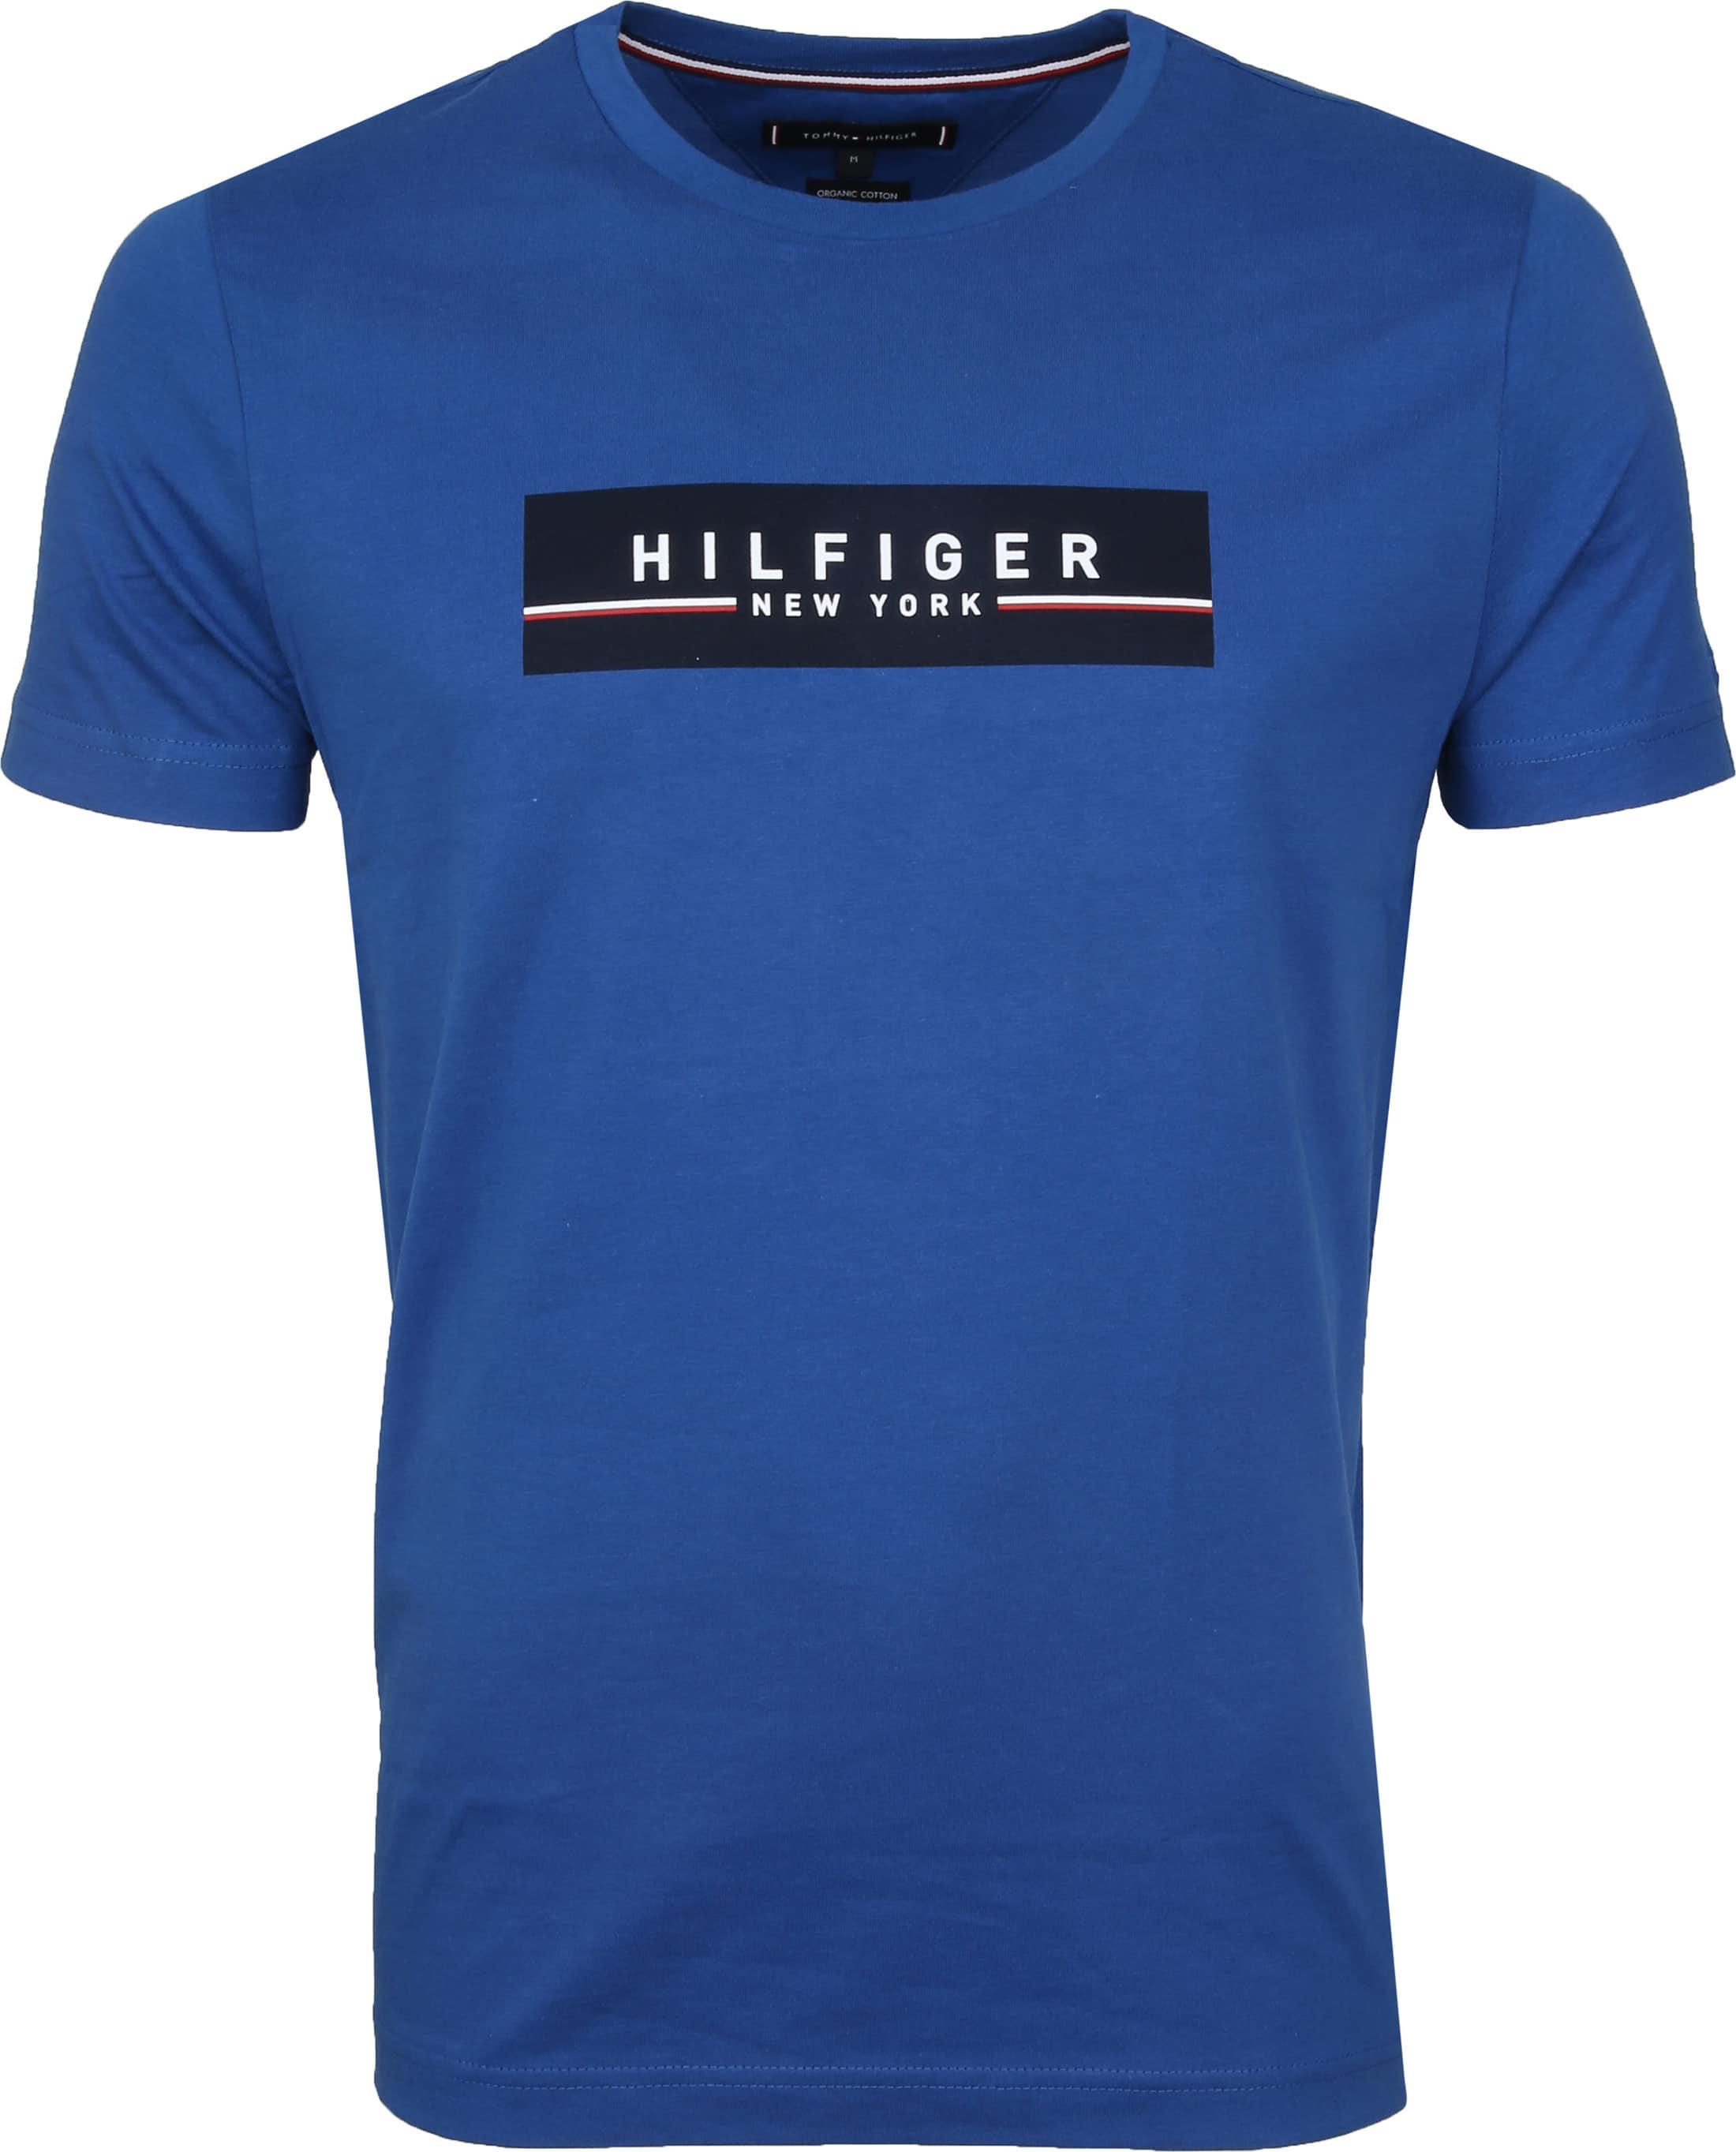 Tommy Hilfiger T-shirt Box Print Blau foto 0